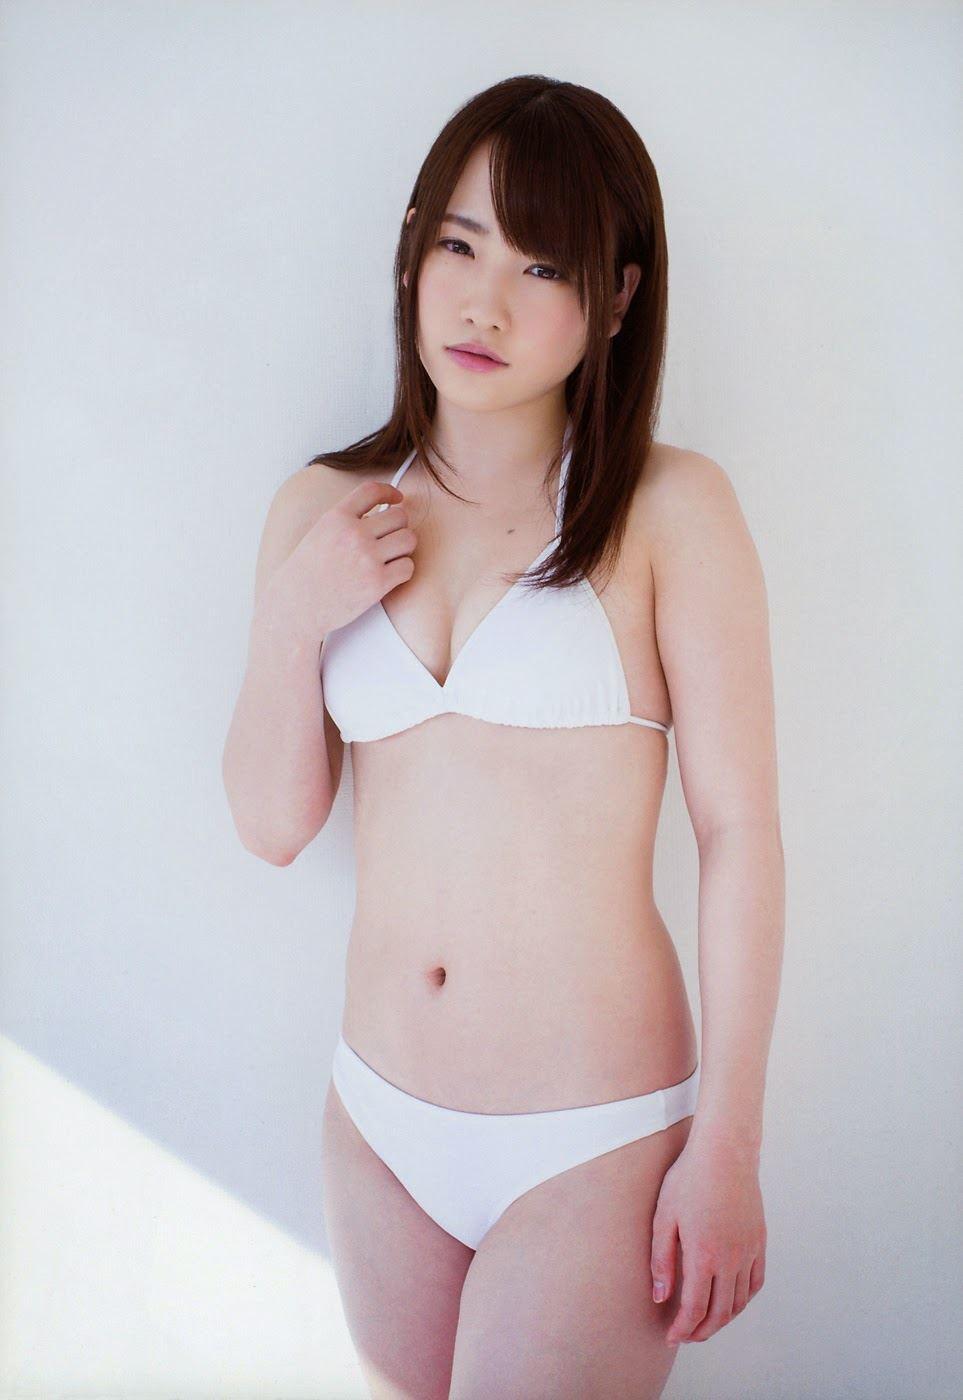 川栄李奈 画像 40